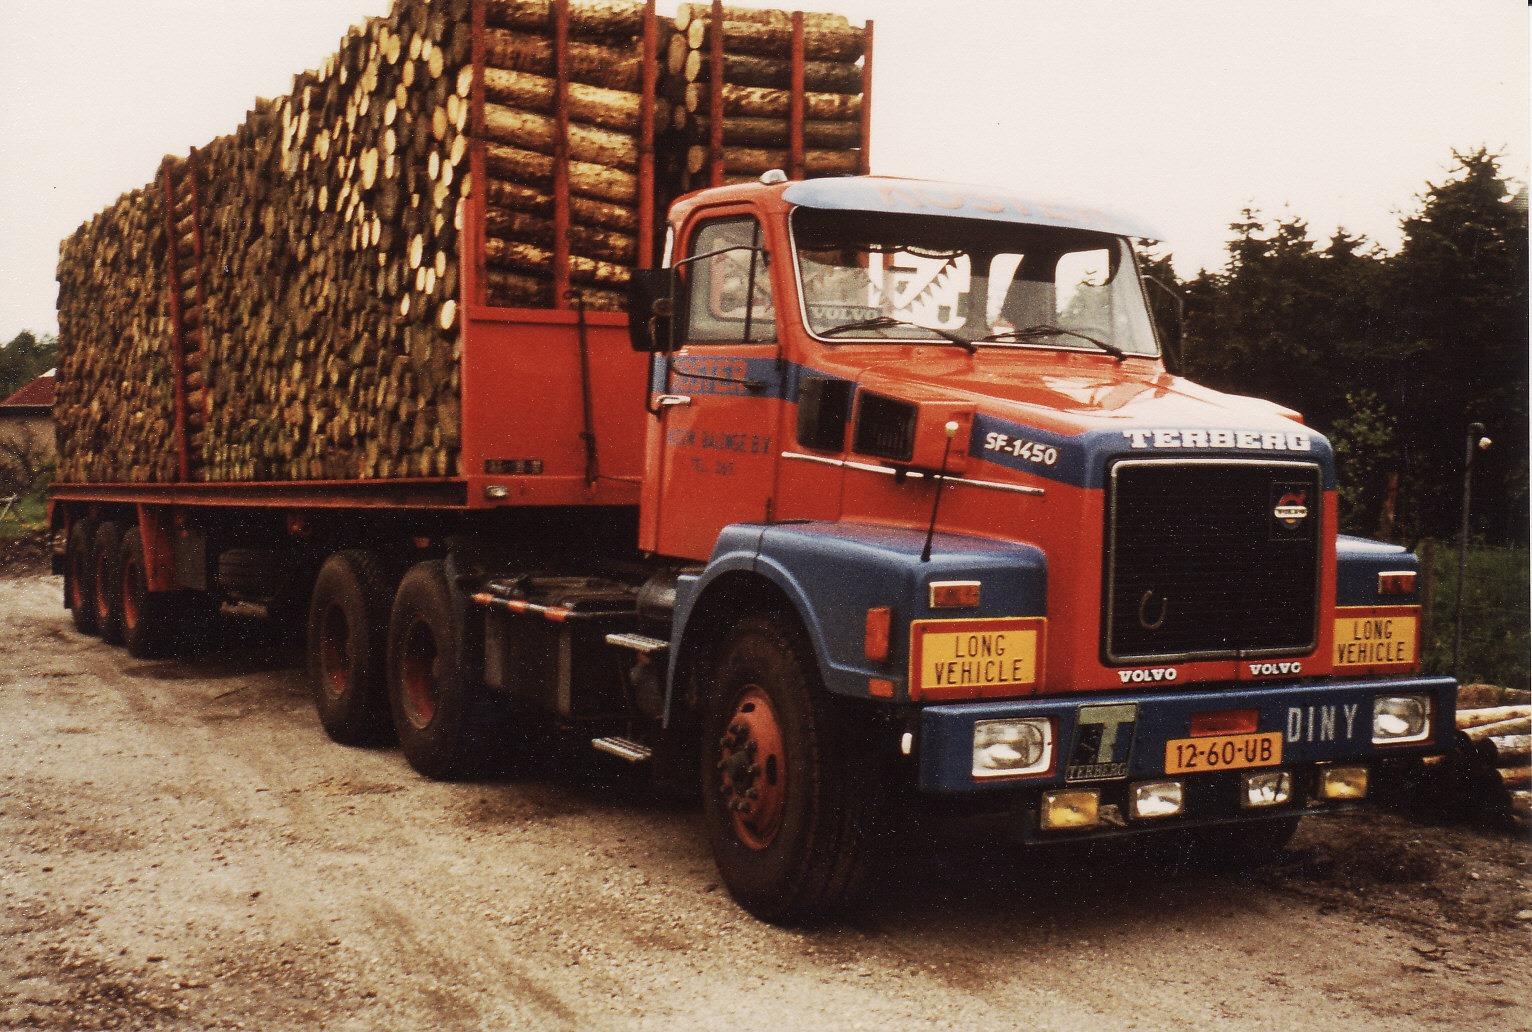 0-14--Terberg-SF-1450-Geladen-met-meterhout-1